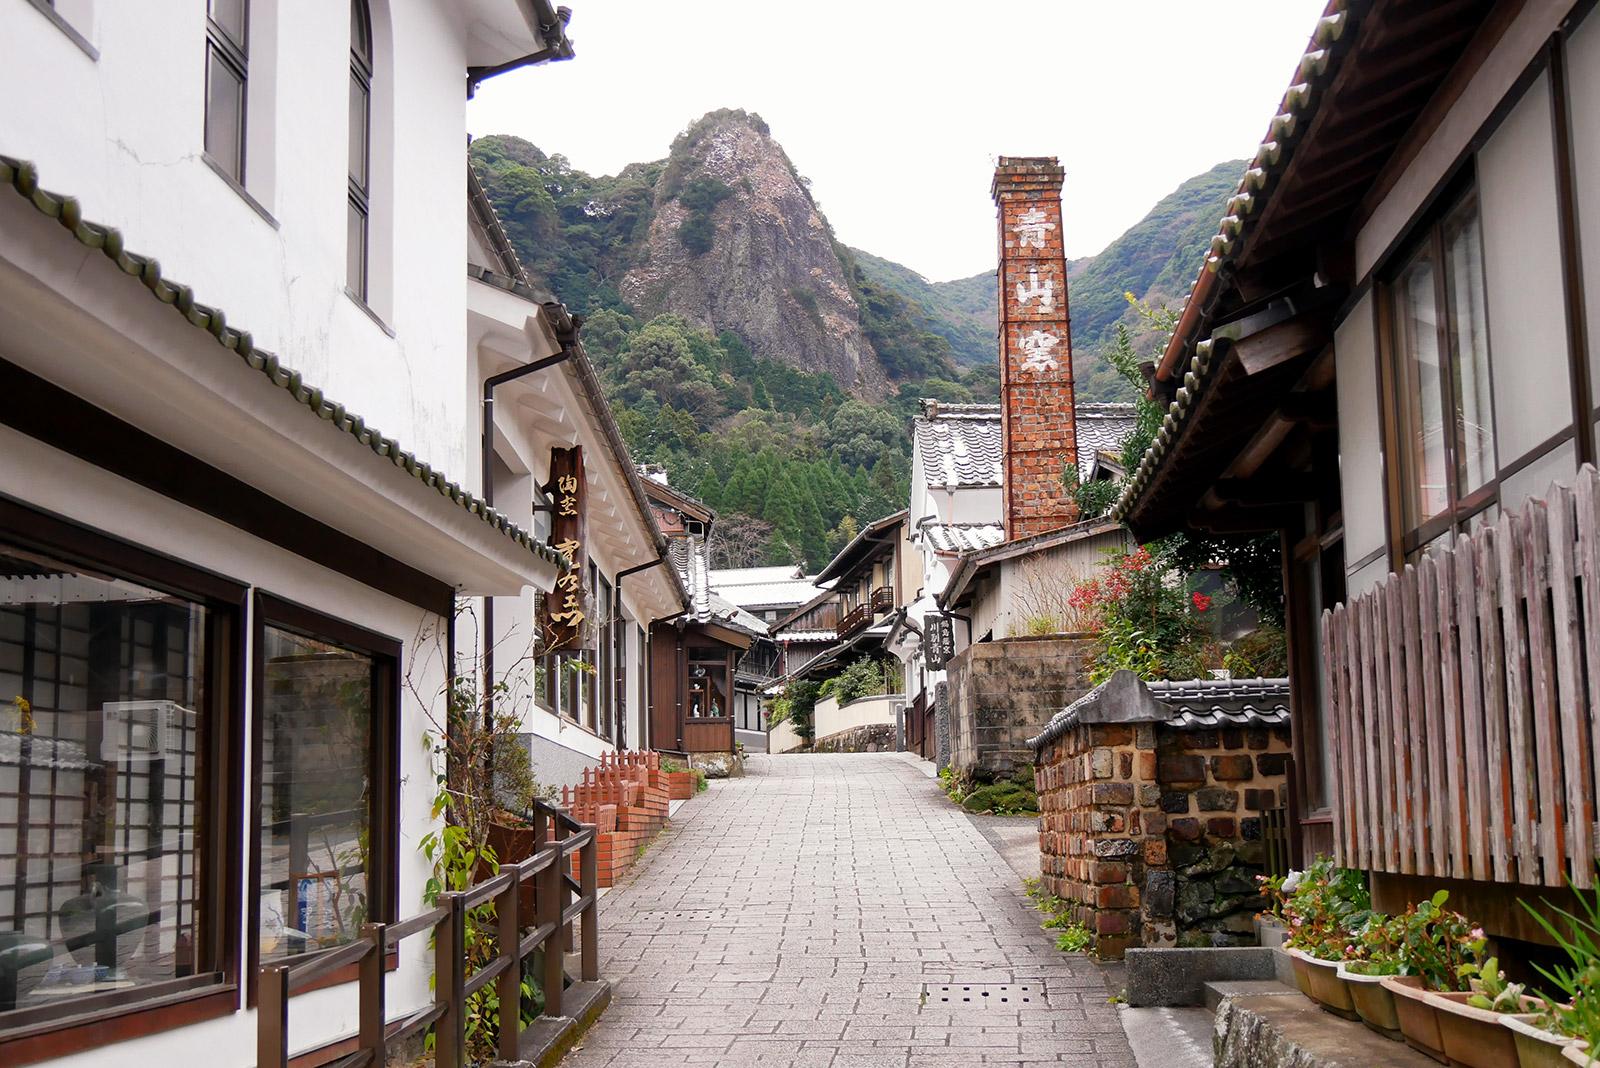 伊万里大川内山 秘窯の里を訪ねる